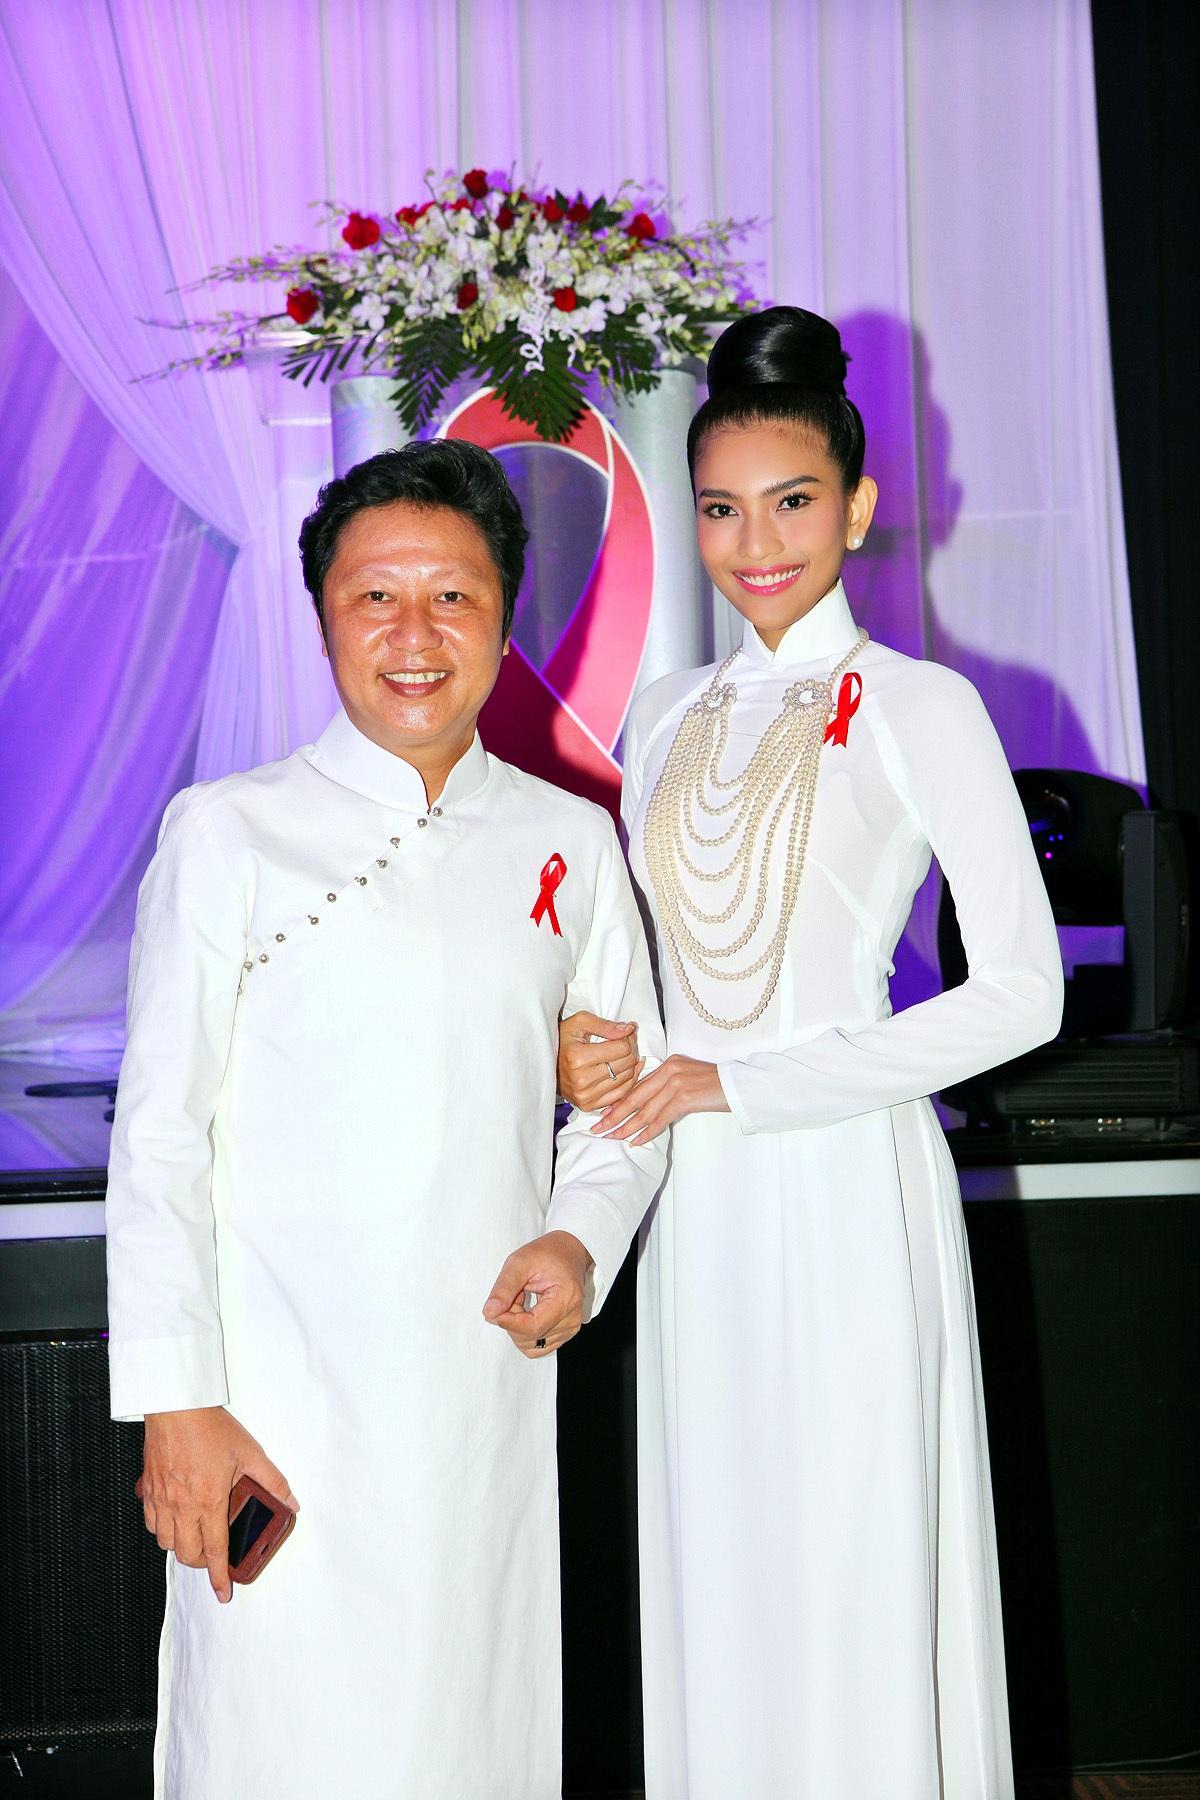 Nhà thiết kế Sỹ Hoàng đã tài trợ trang phục áo dài cho cô tham gia chương trình này